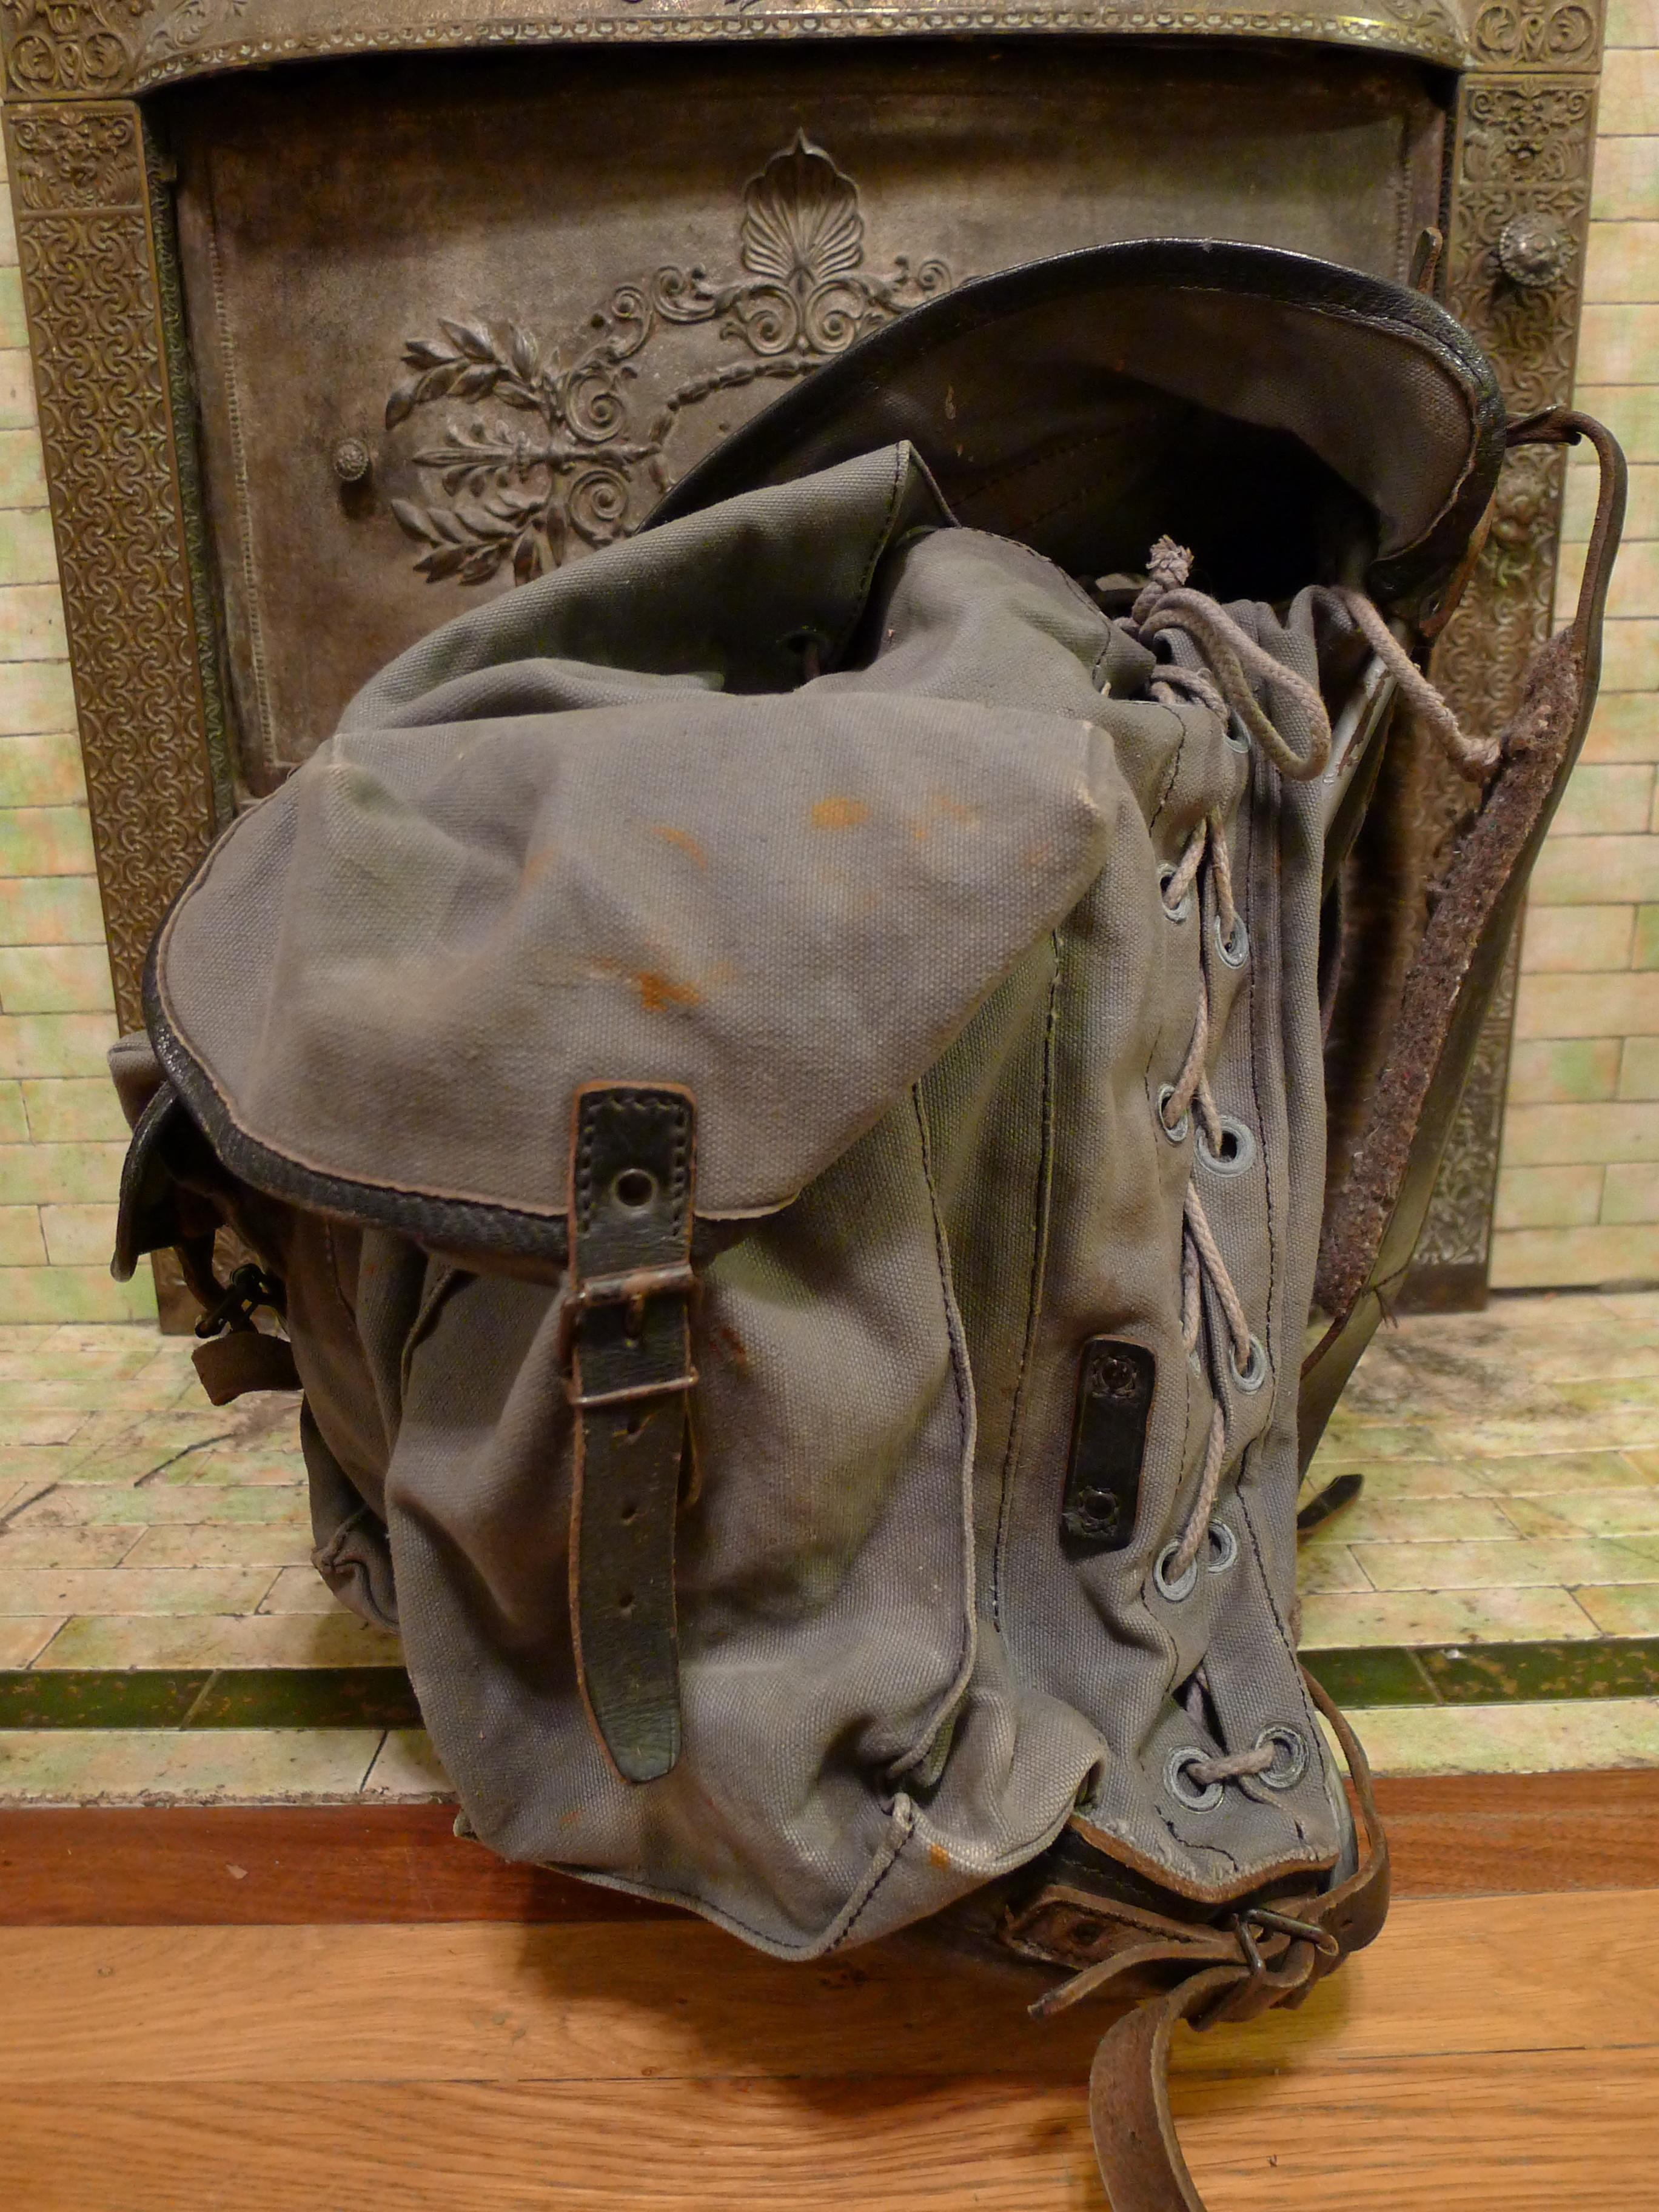 vintage military rucksack backpack basecamp vintage. Black Bedroom Furniture Sets. Home Design Ideas